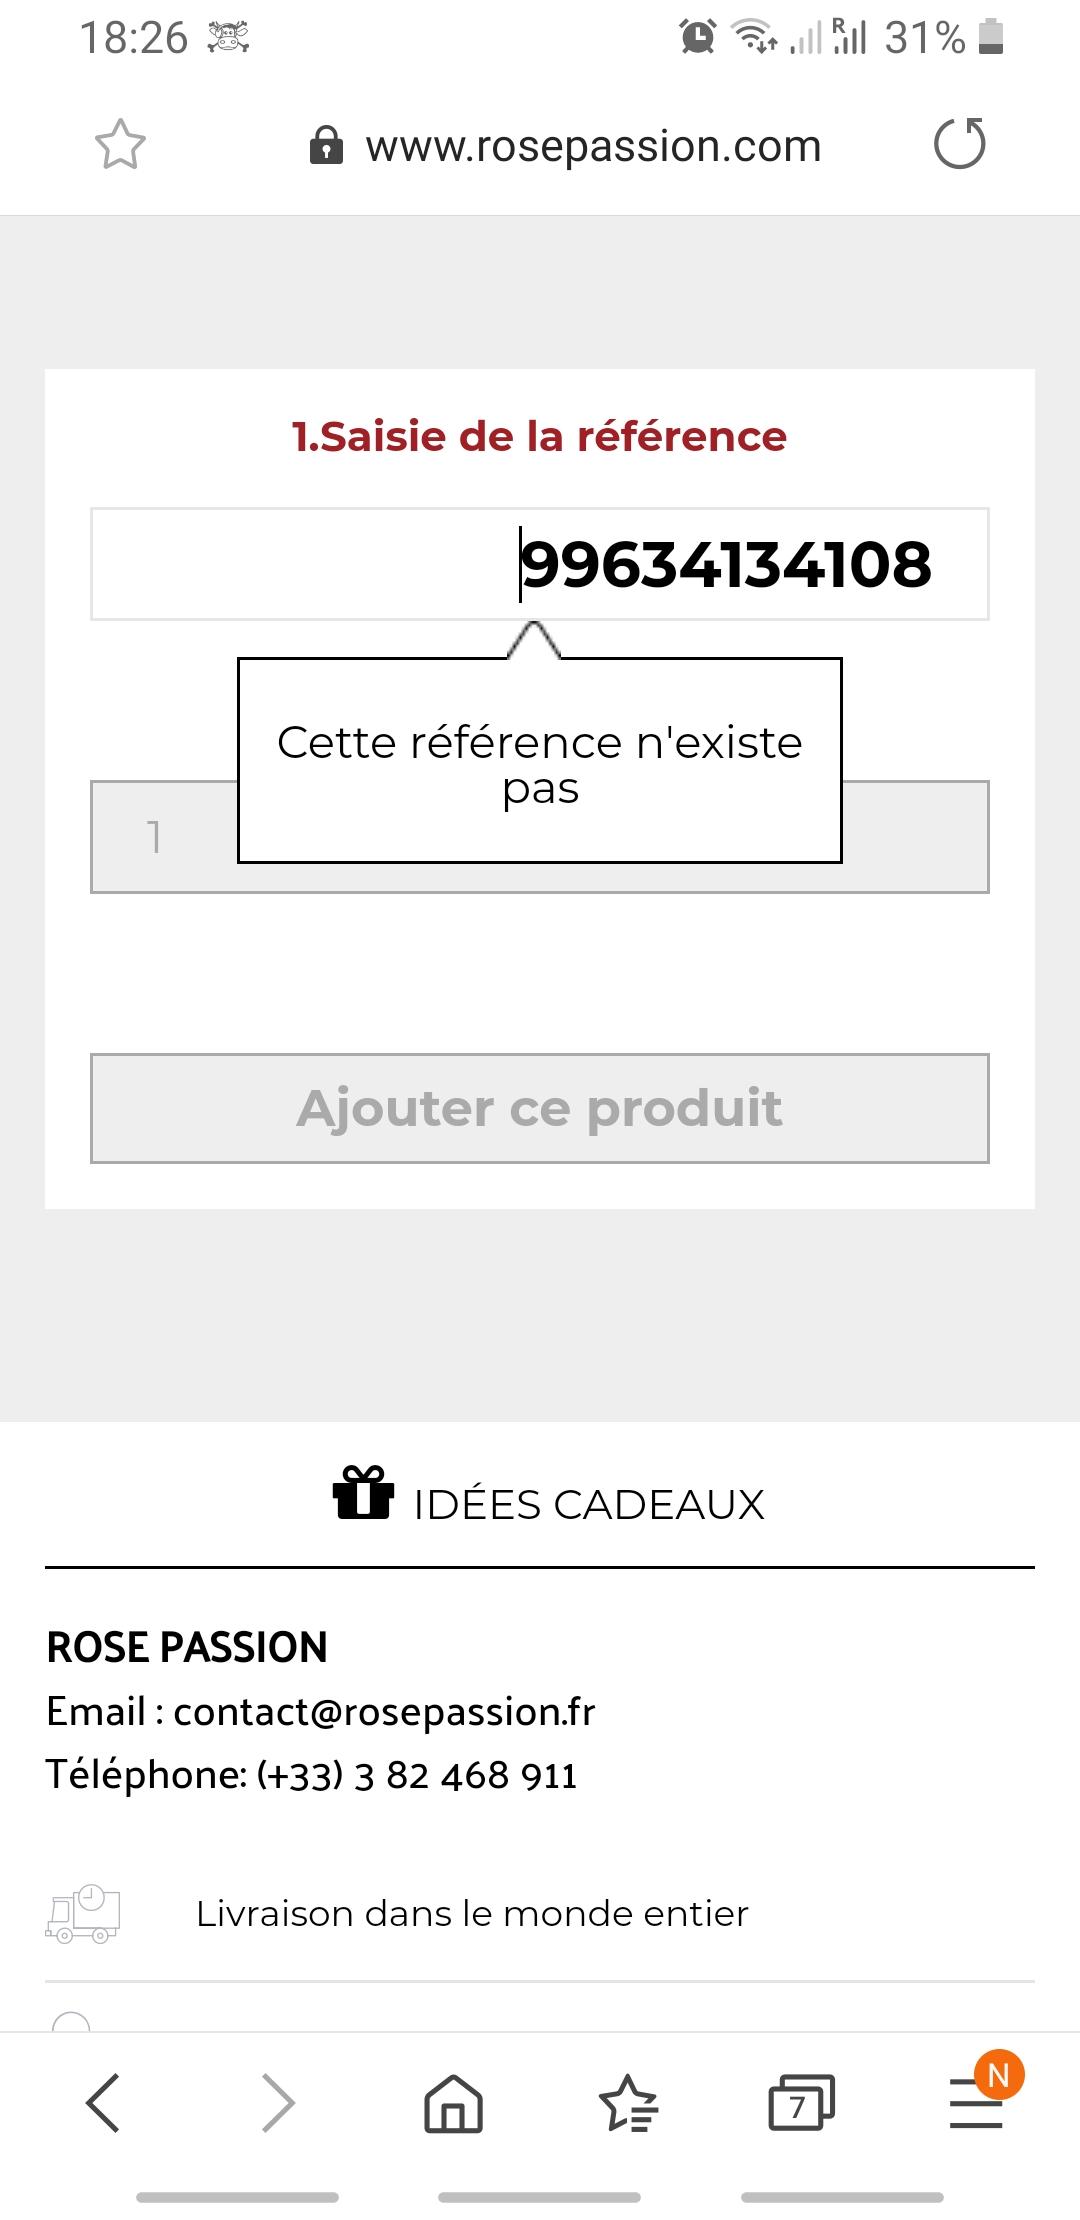 bc911-1591374624-U2070.jpg